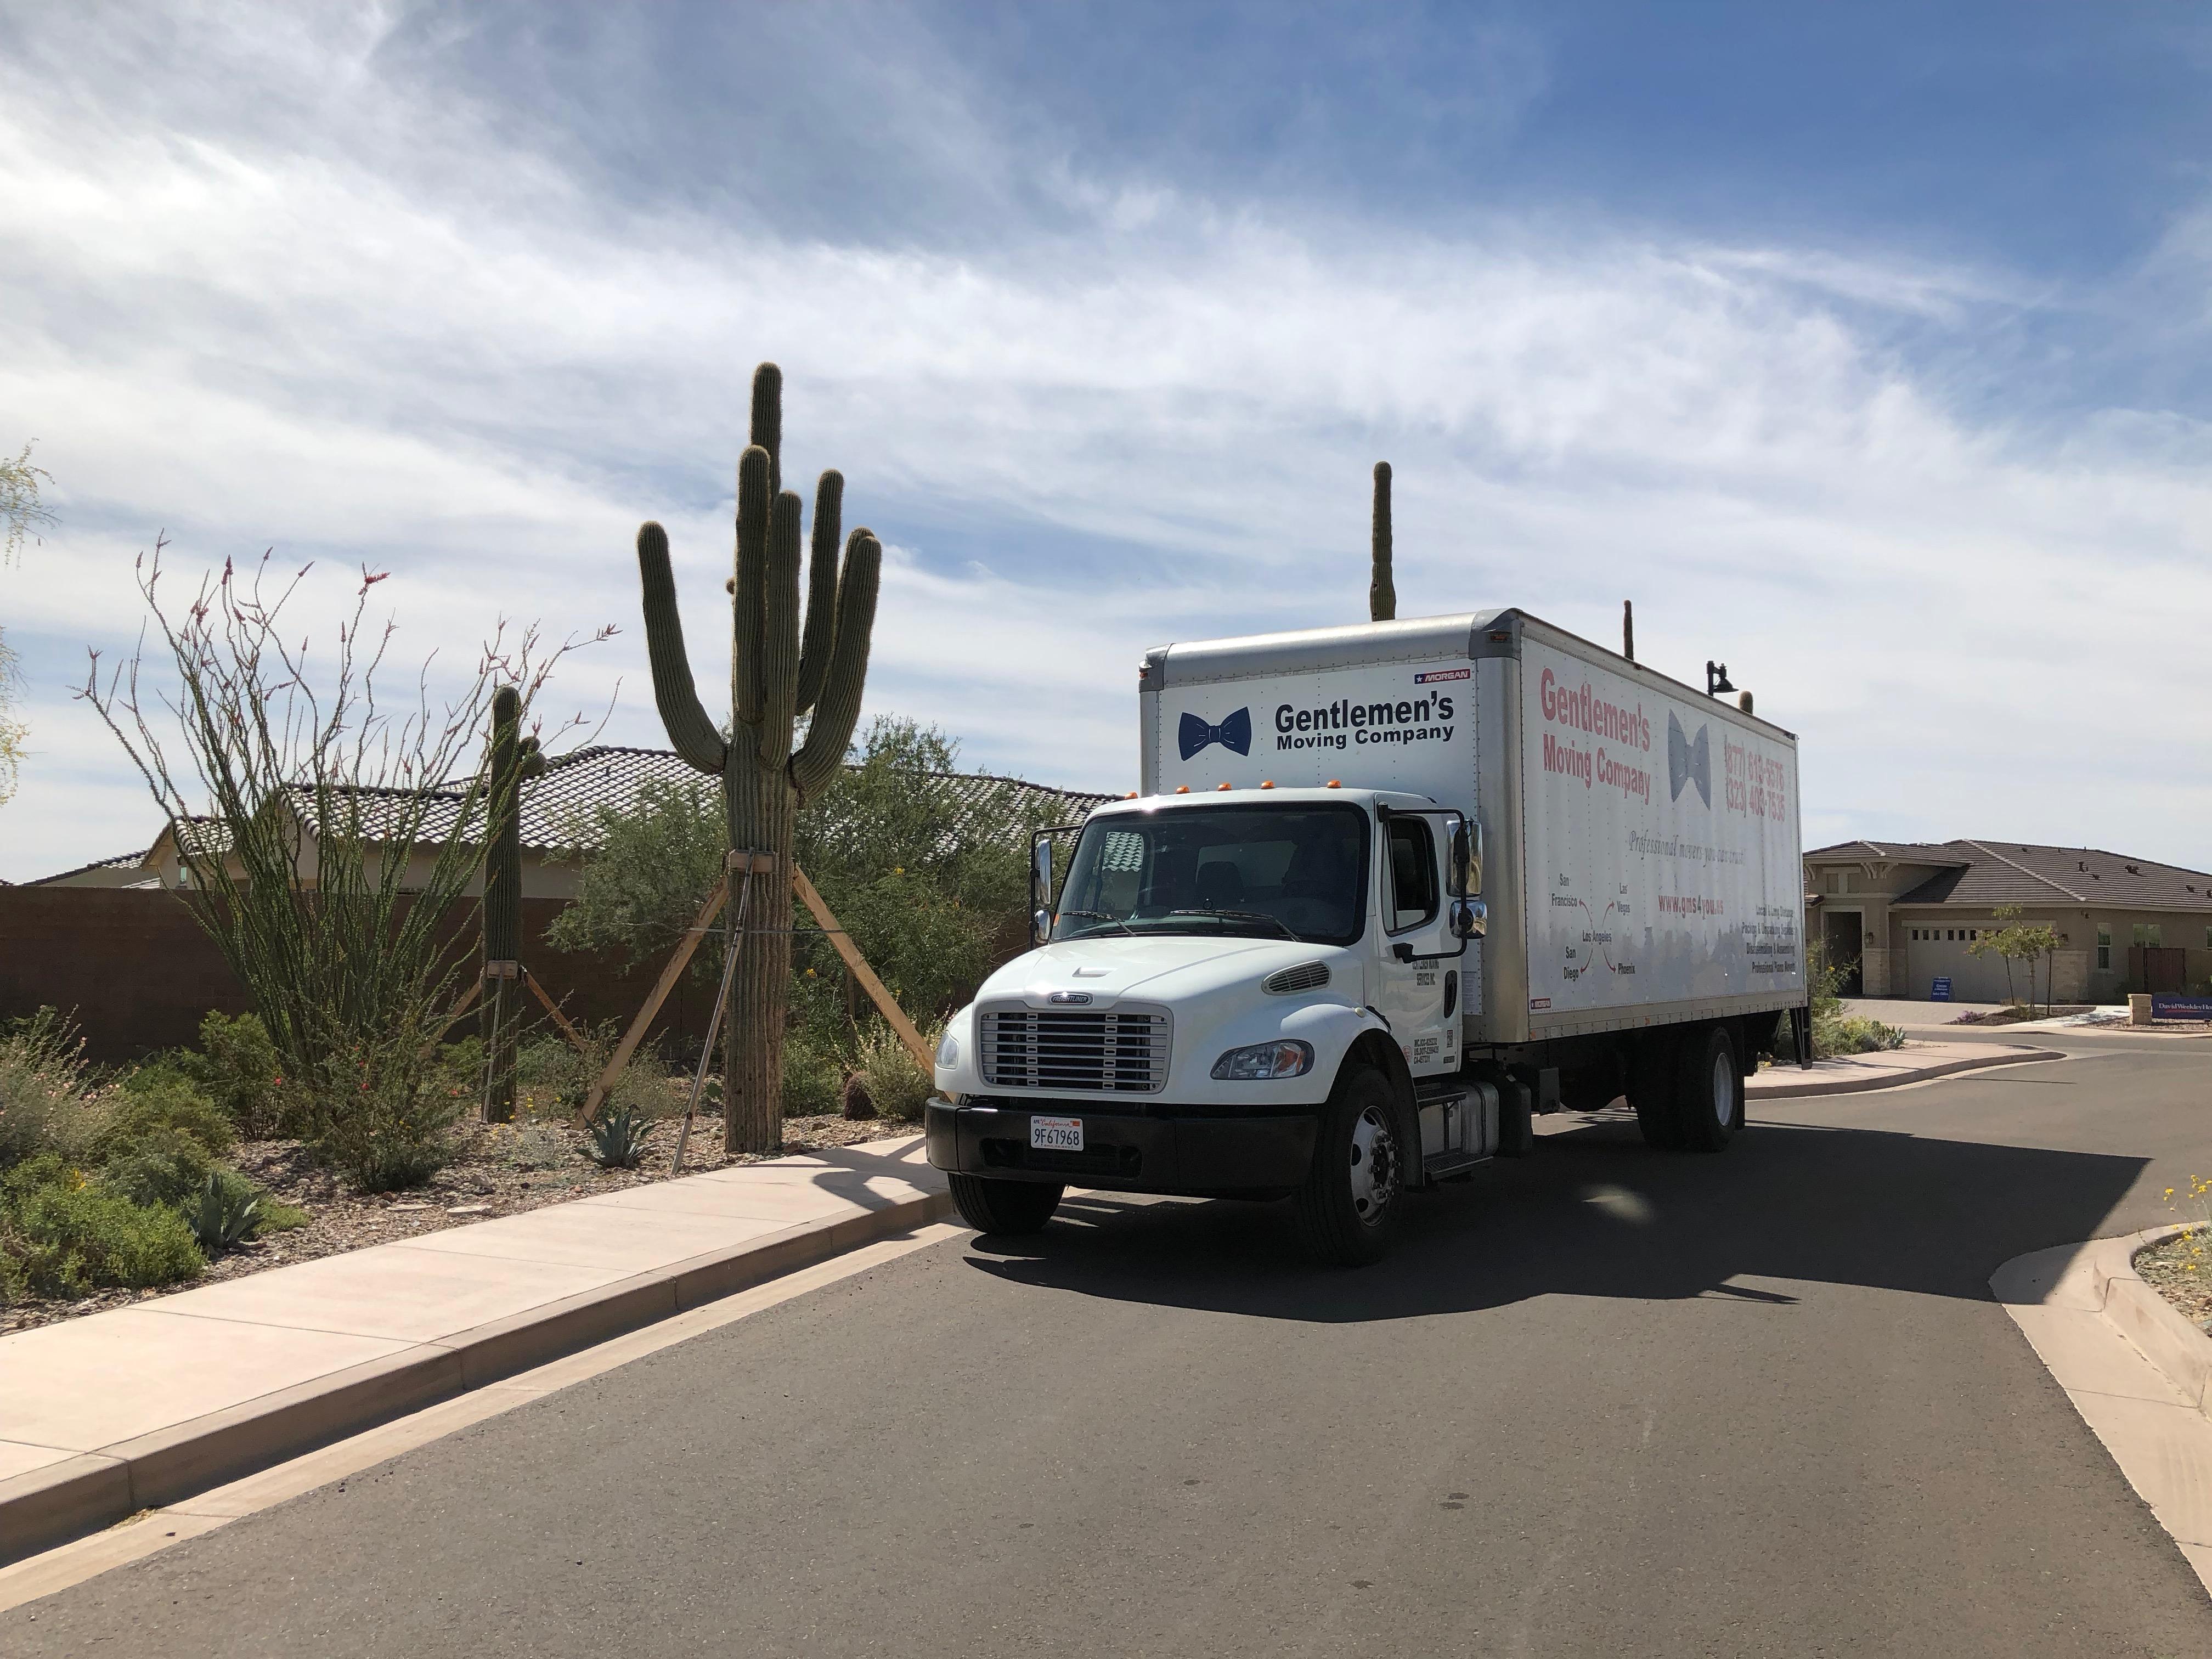 Phoenix, Arizona.